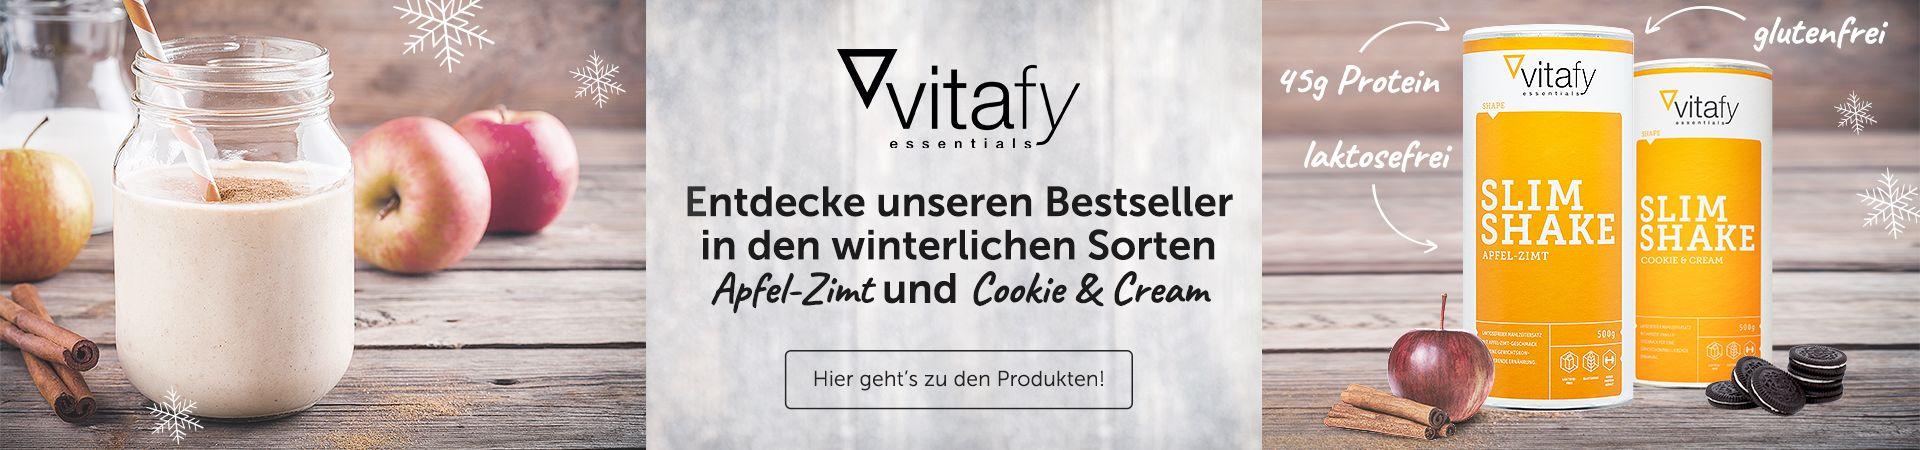 20181213_PLP_VE_Slimshake_Apfel-Zimt_Cookies + Cream